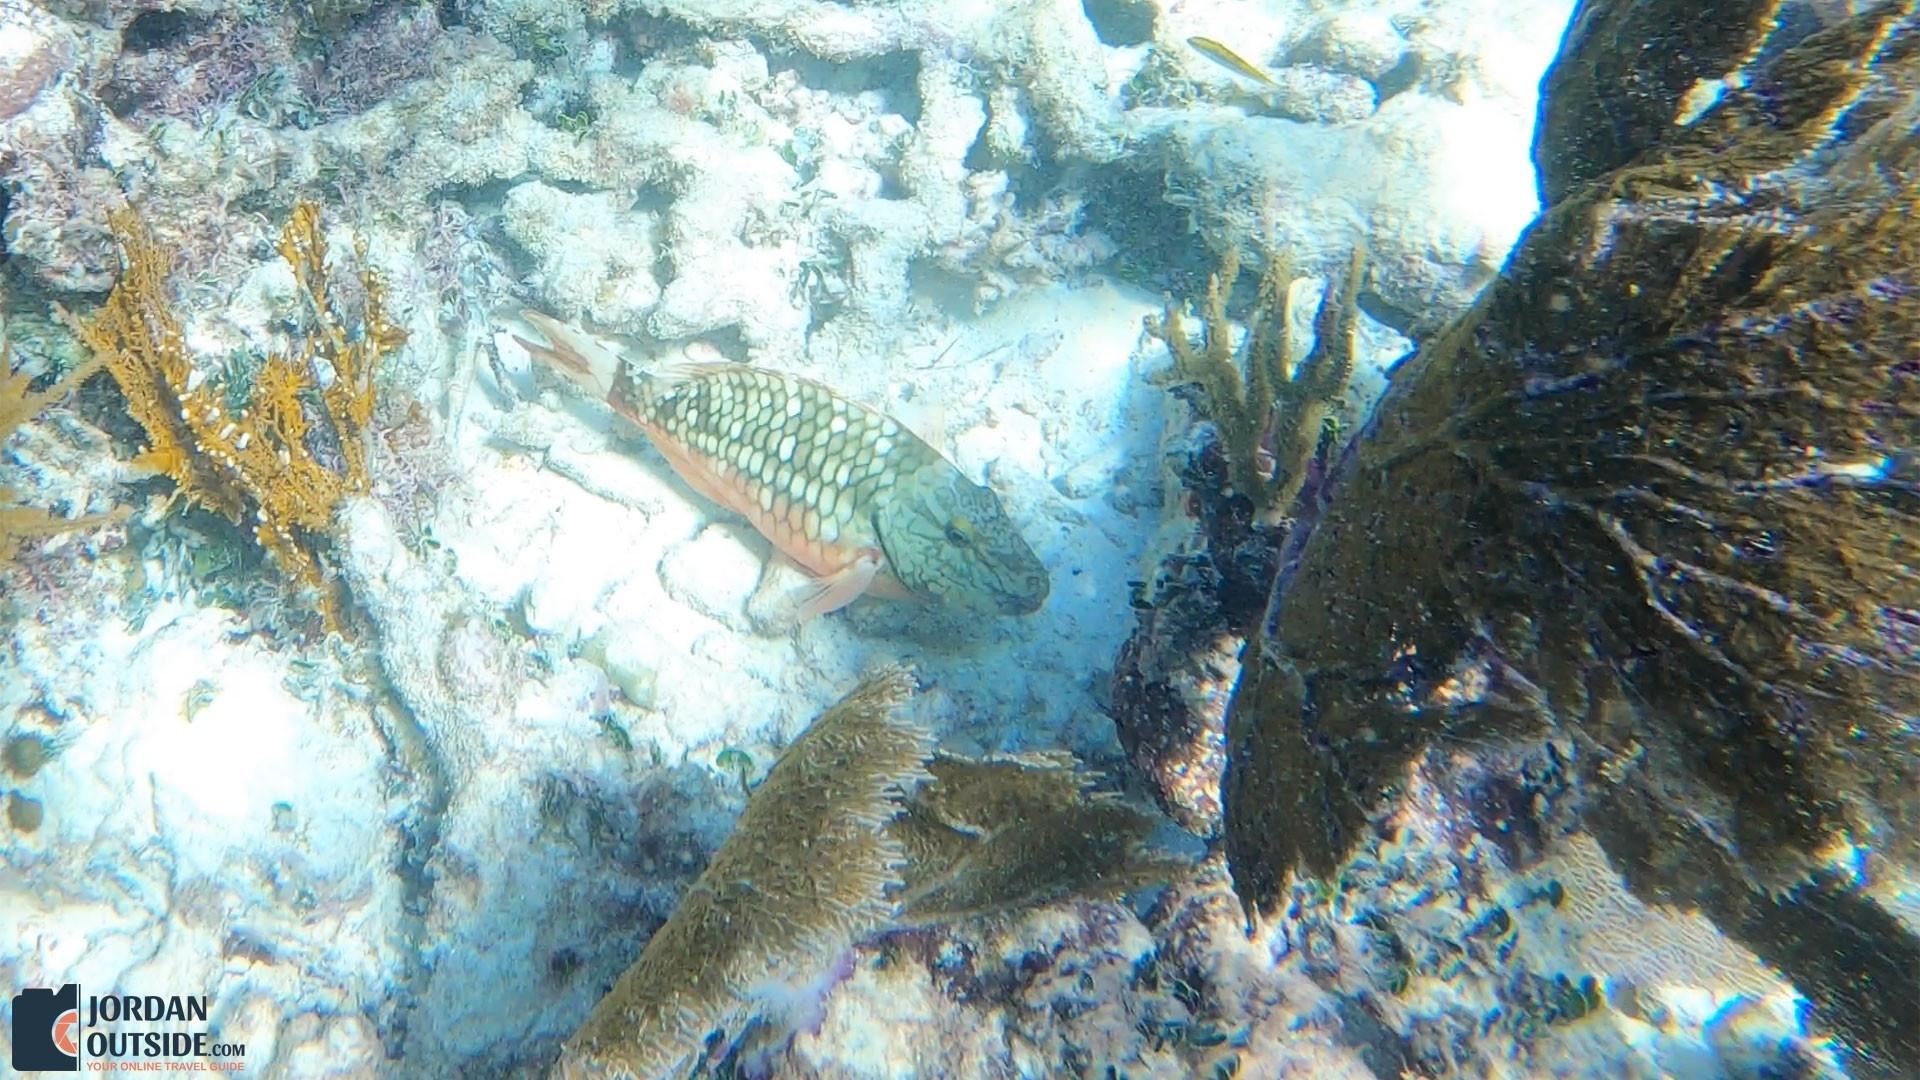 Fish at the Grecian Rocks Coral Reef